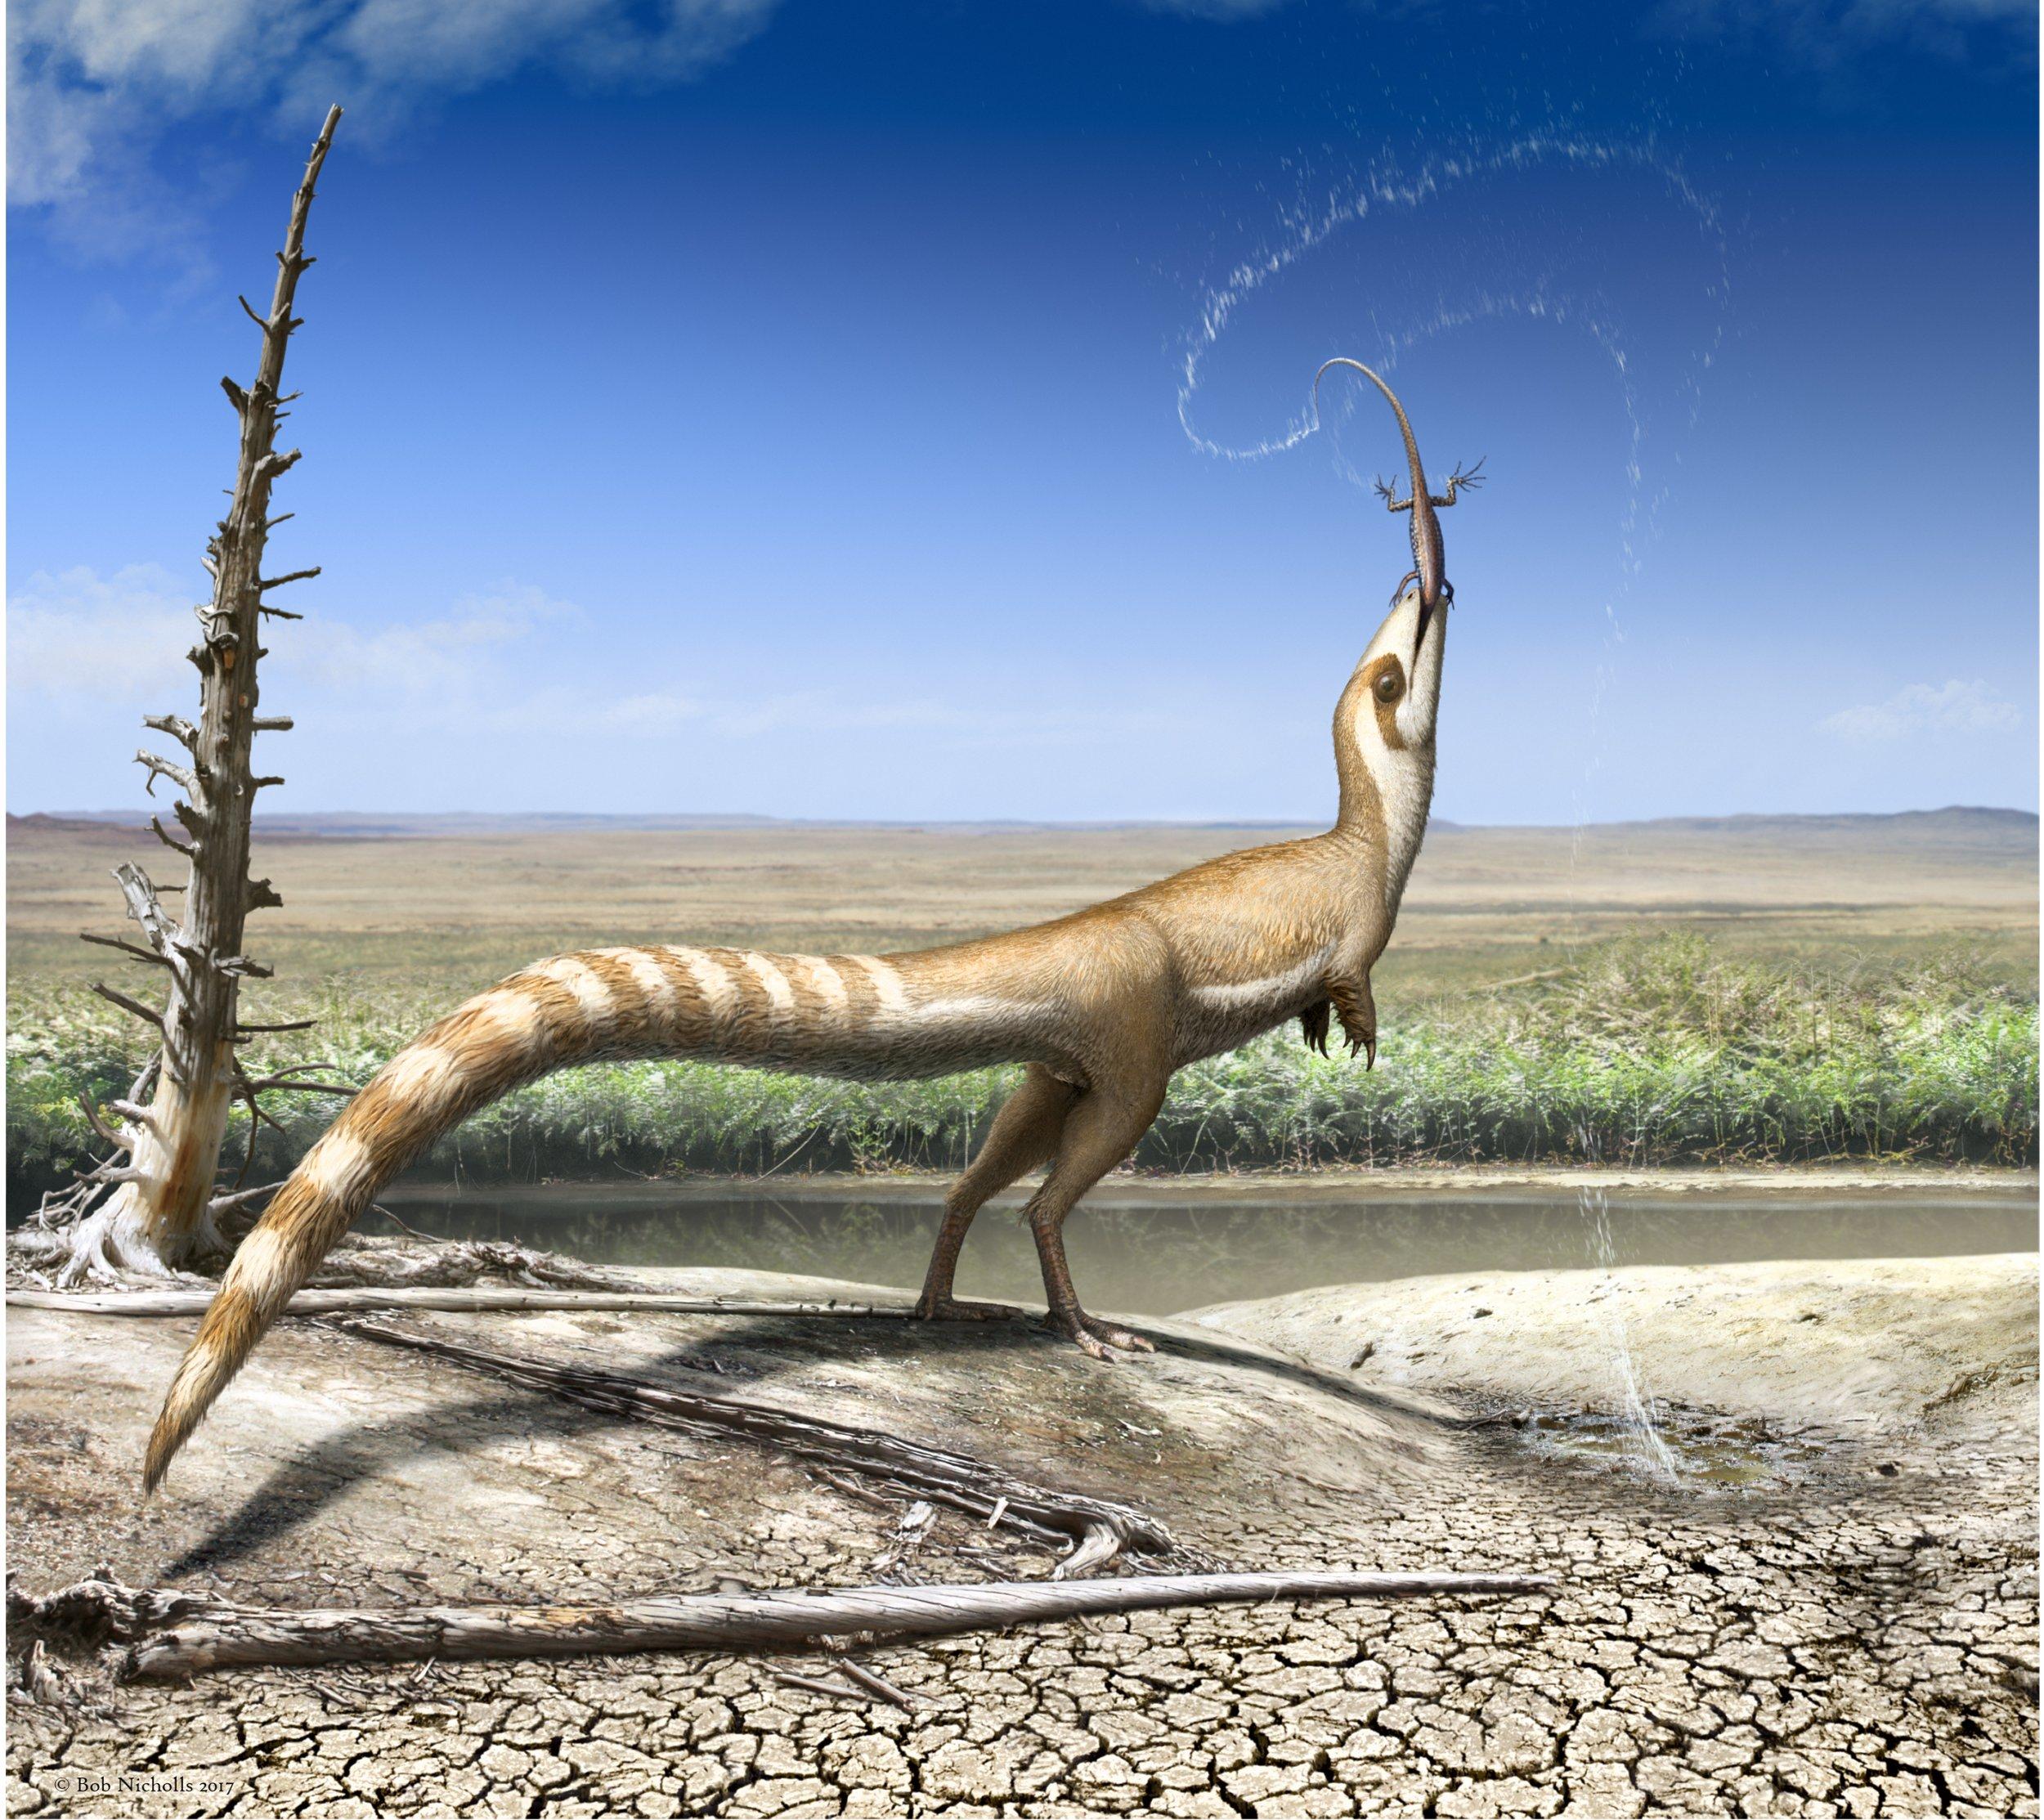 10_26_sinosauropteryx_dinosaur_camouflage